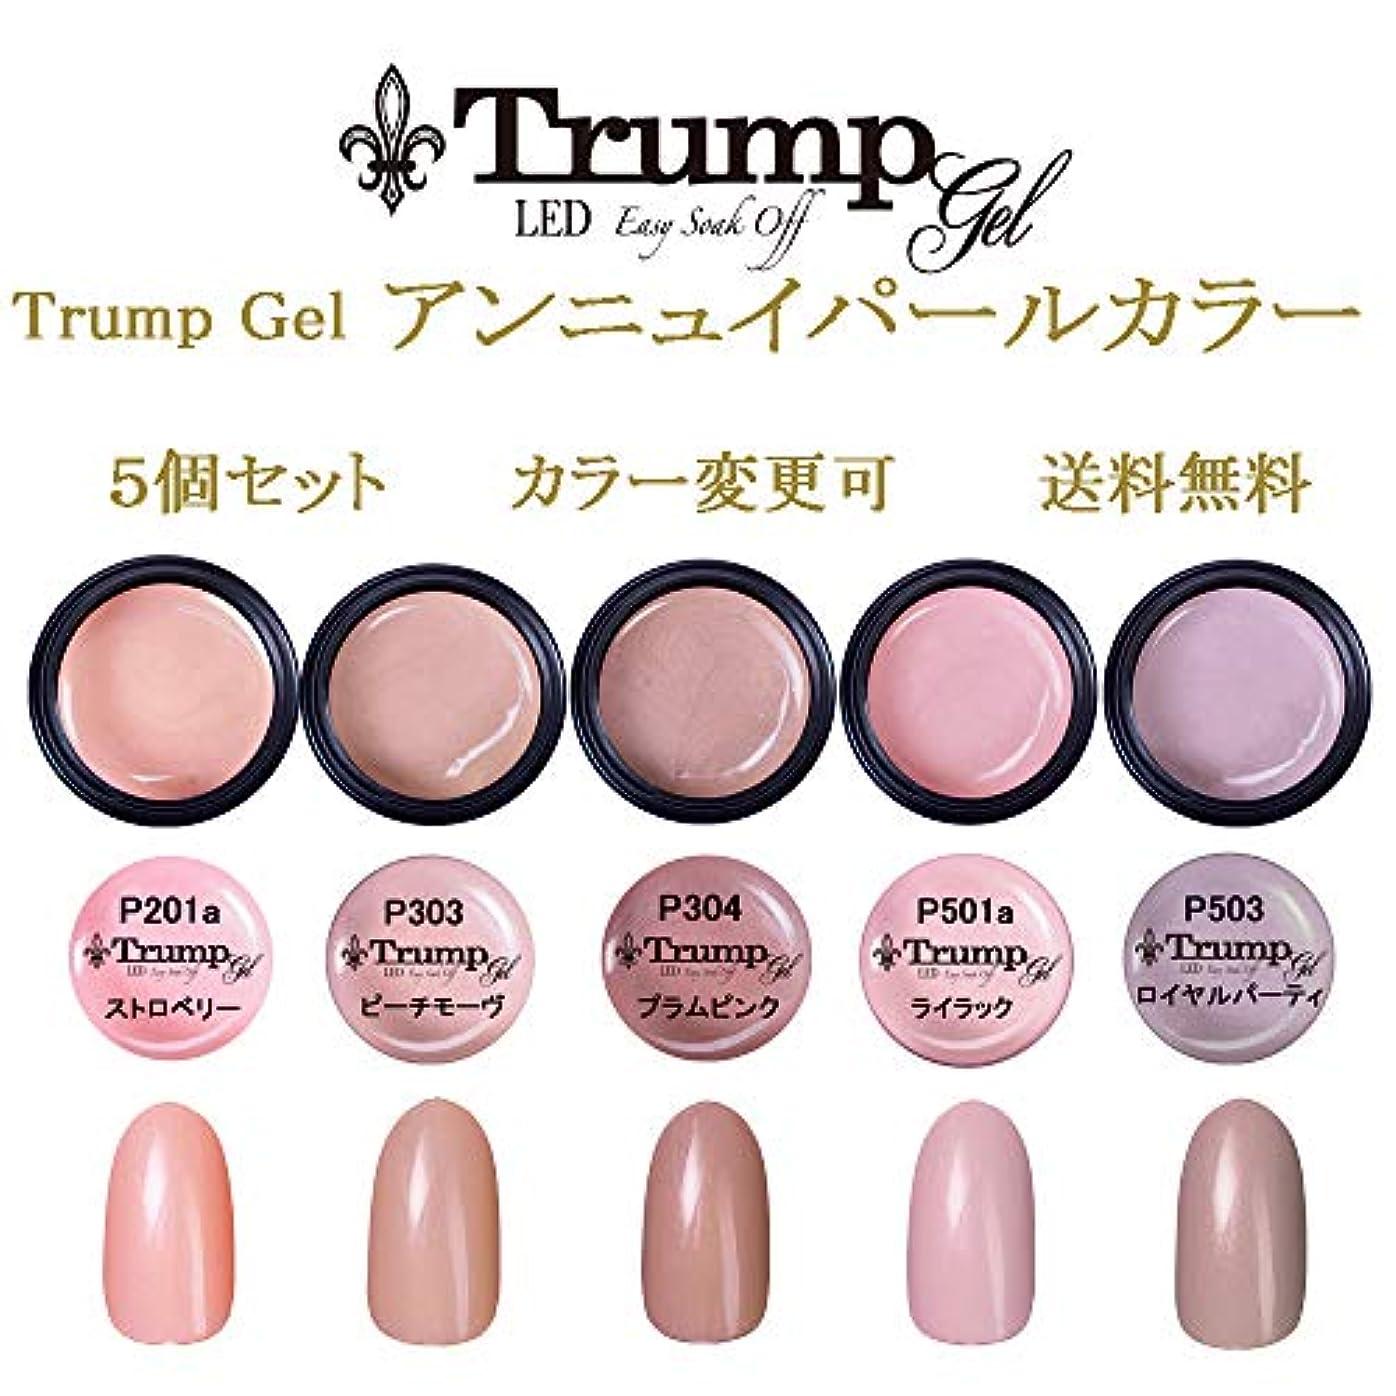 日本製 Trump gel トランプジェル アンニュイ パール 選べる カラージェル 5個セット ピンク ベージュ パープル